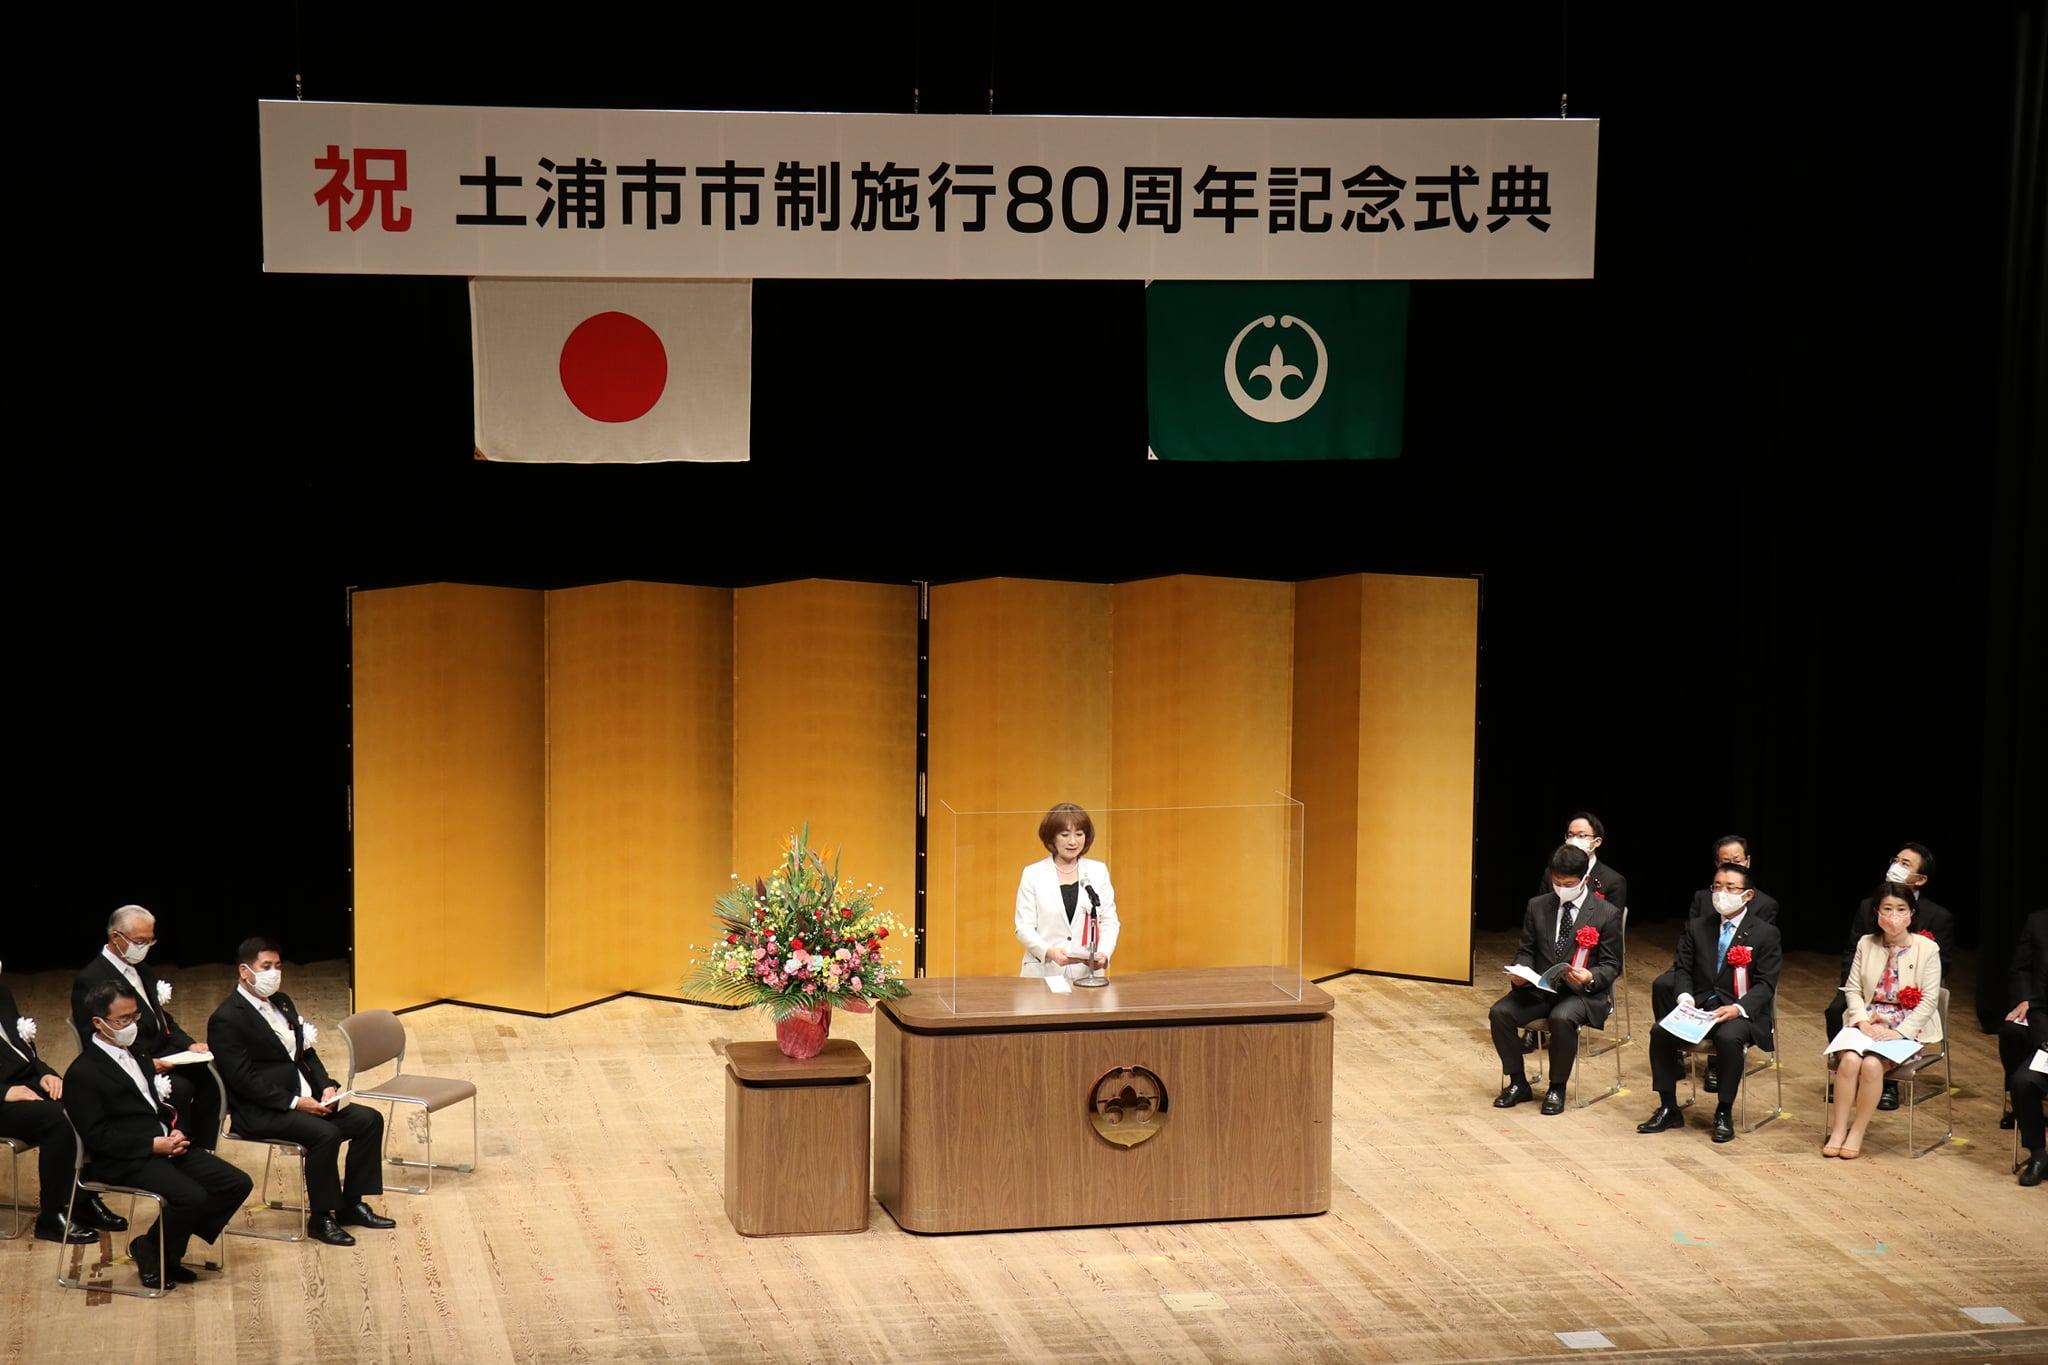 土浦市が80周年を迎え、本日記念式典を挙行いたしましたpage-visual 土浦市が80周年を迎え、本日記念式典を挙行いたしましたビジュアル